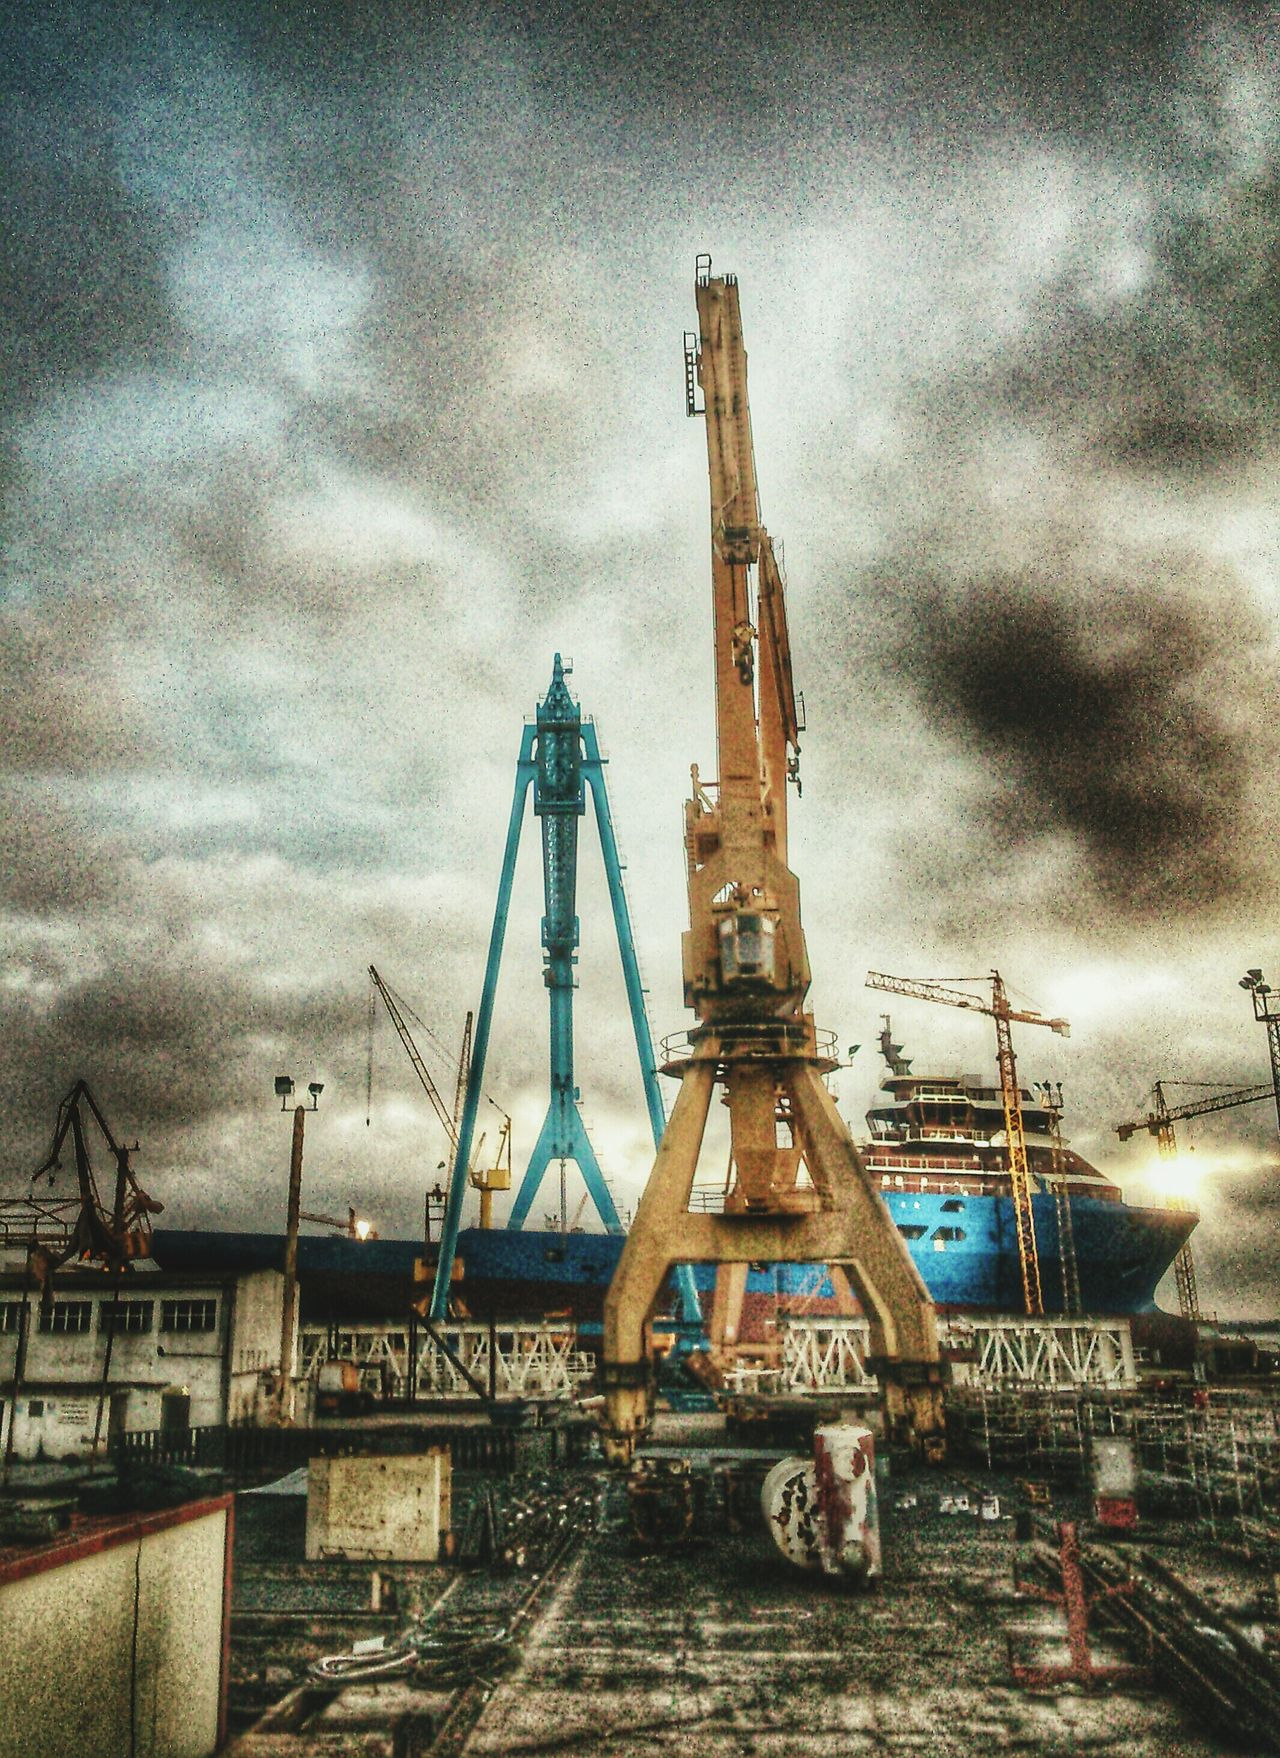 Huelva Astilleros Barcos Astilleros De Huelva Shipyard